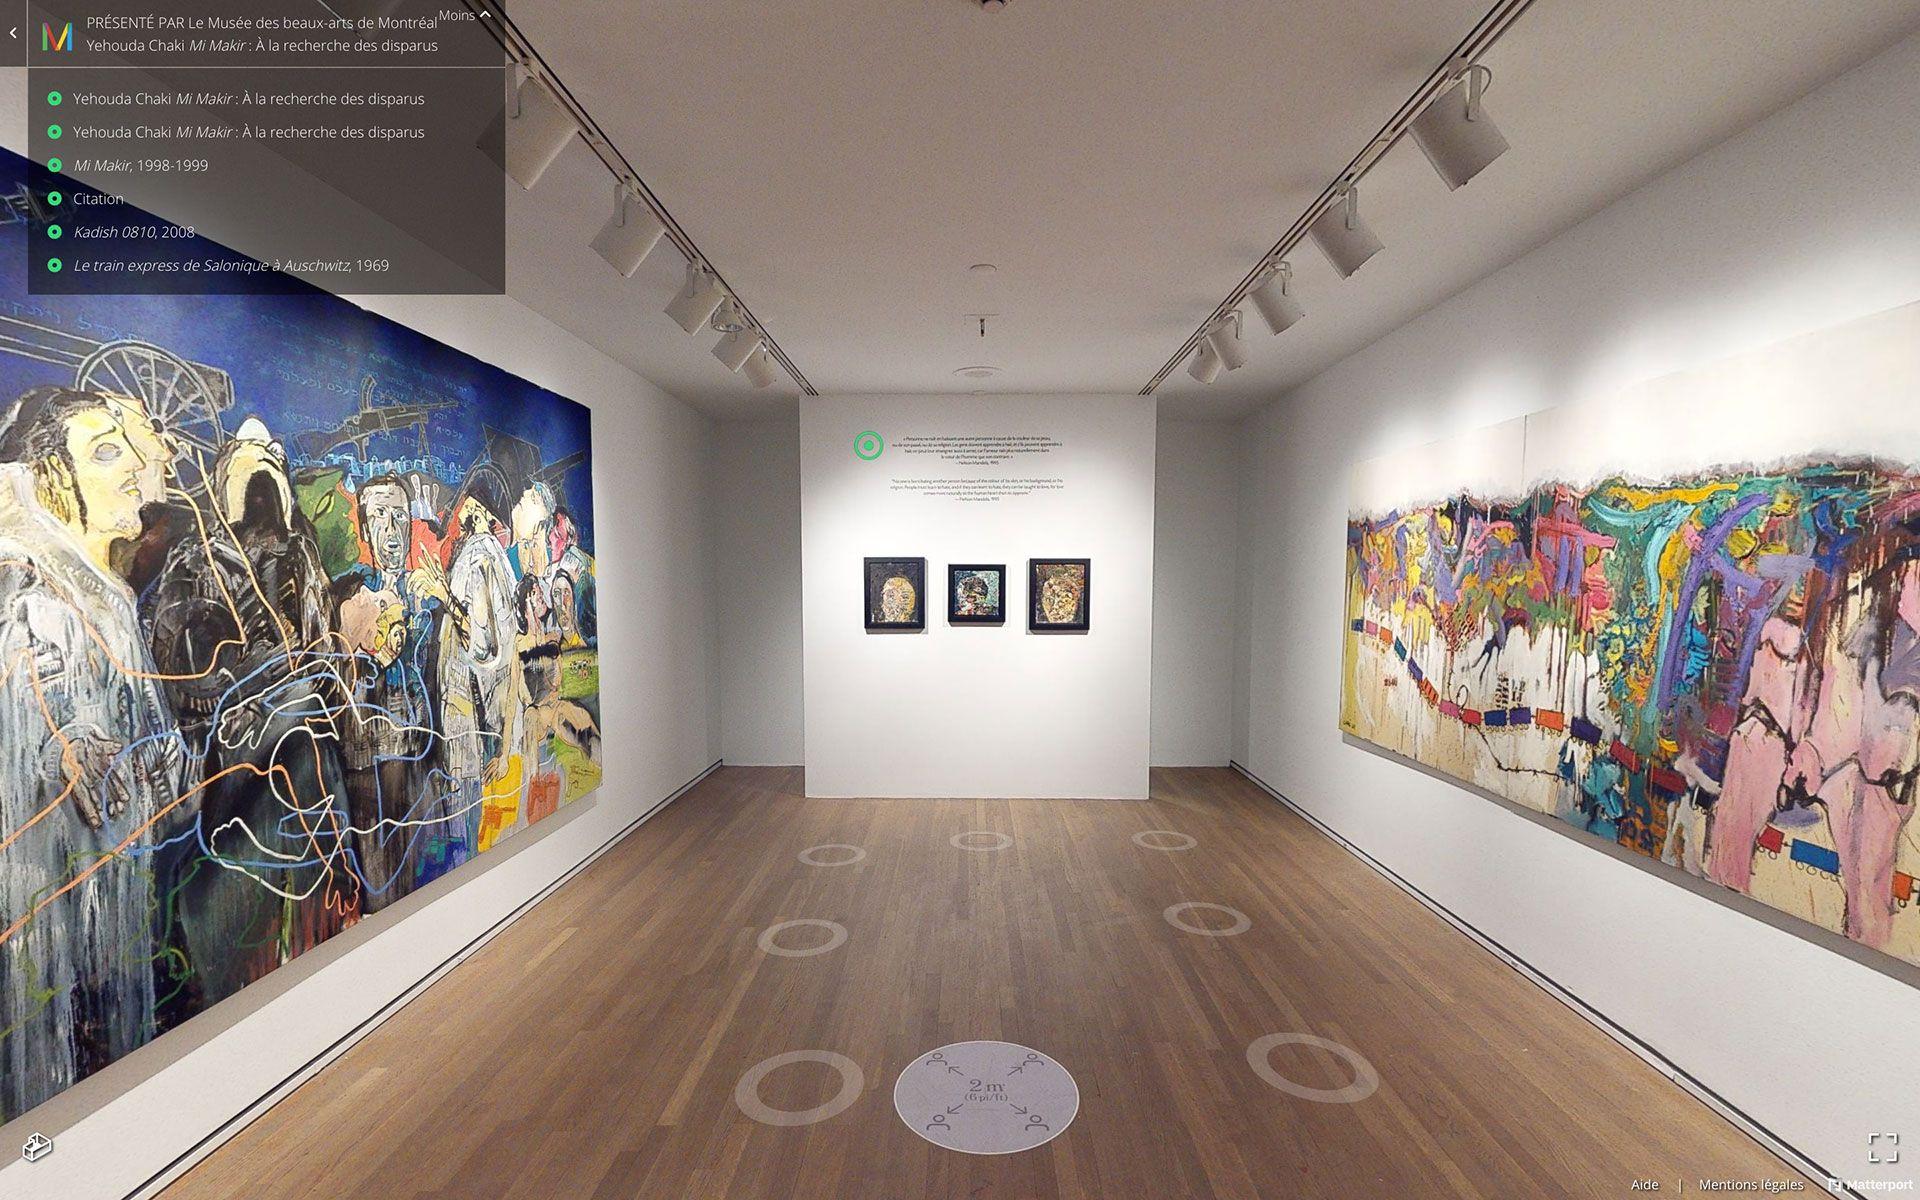 Vue de la version virtuelle de l'exposition Yehouda Chaki : Mi Makir. À la recherche des disparus